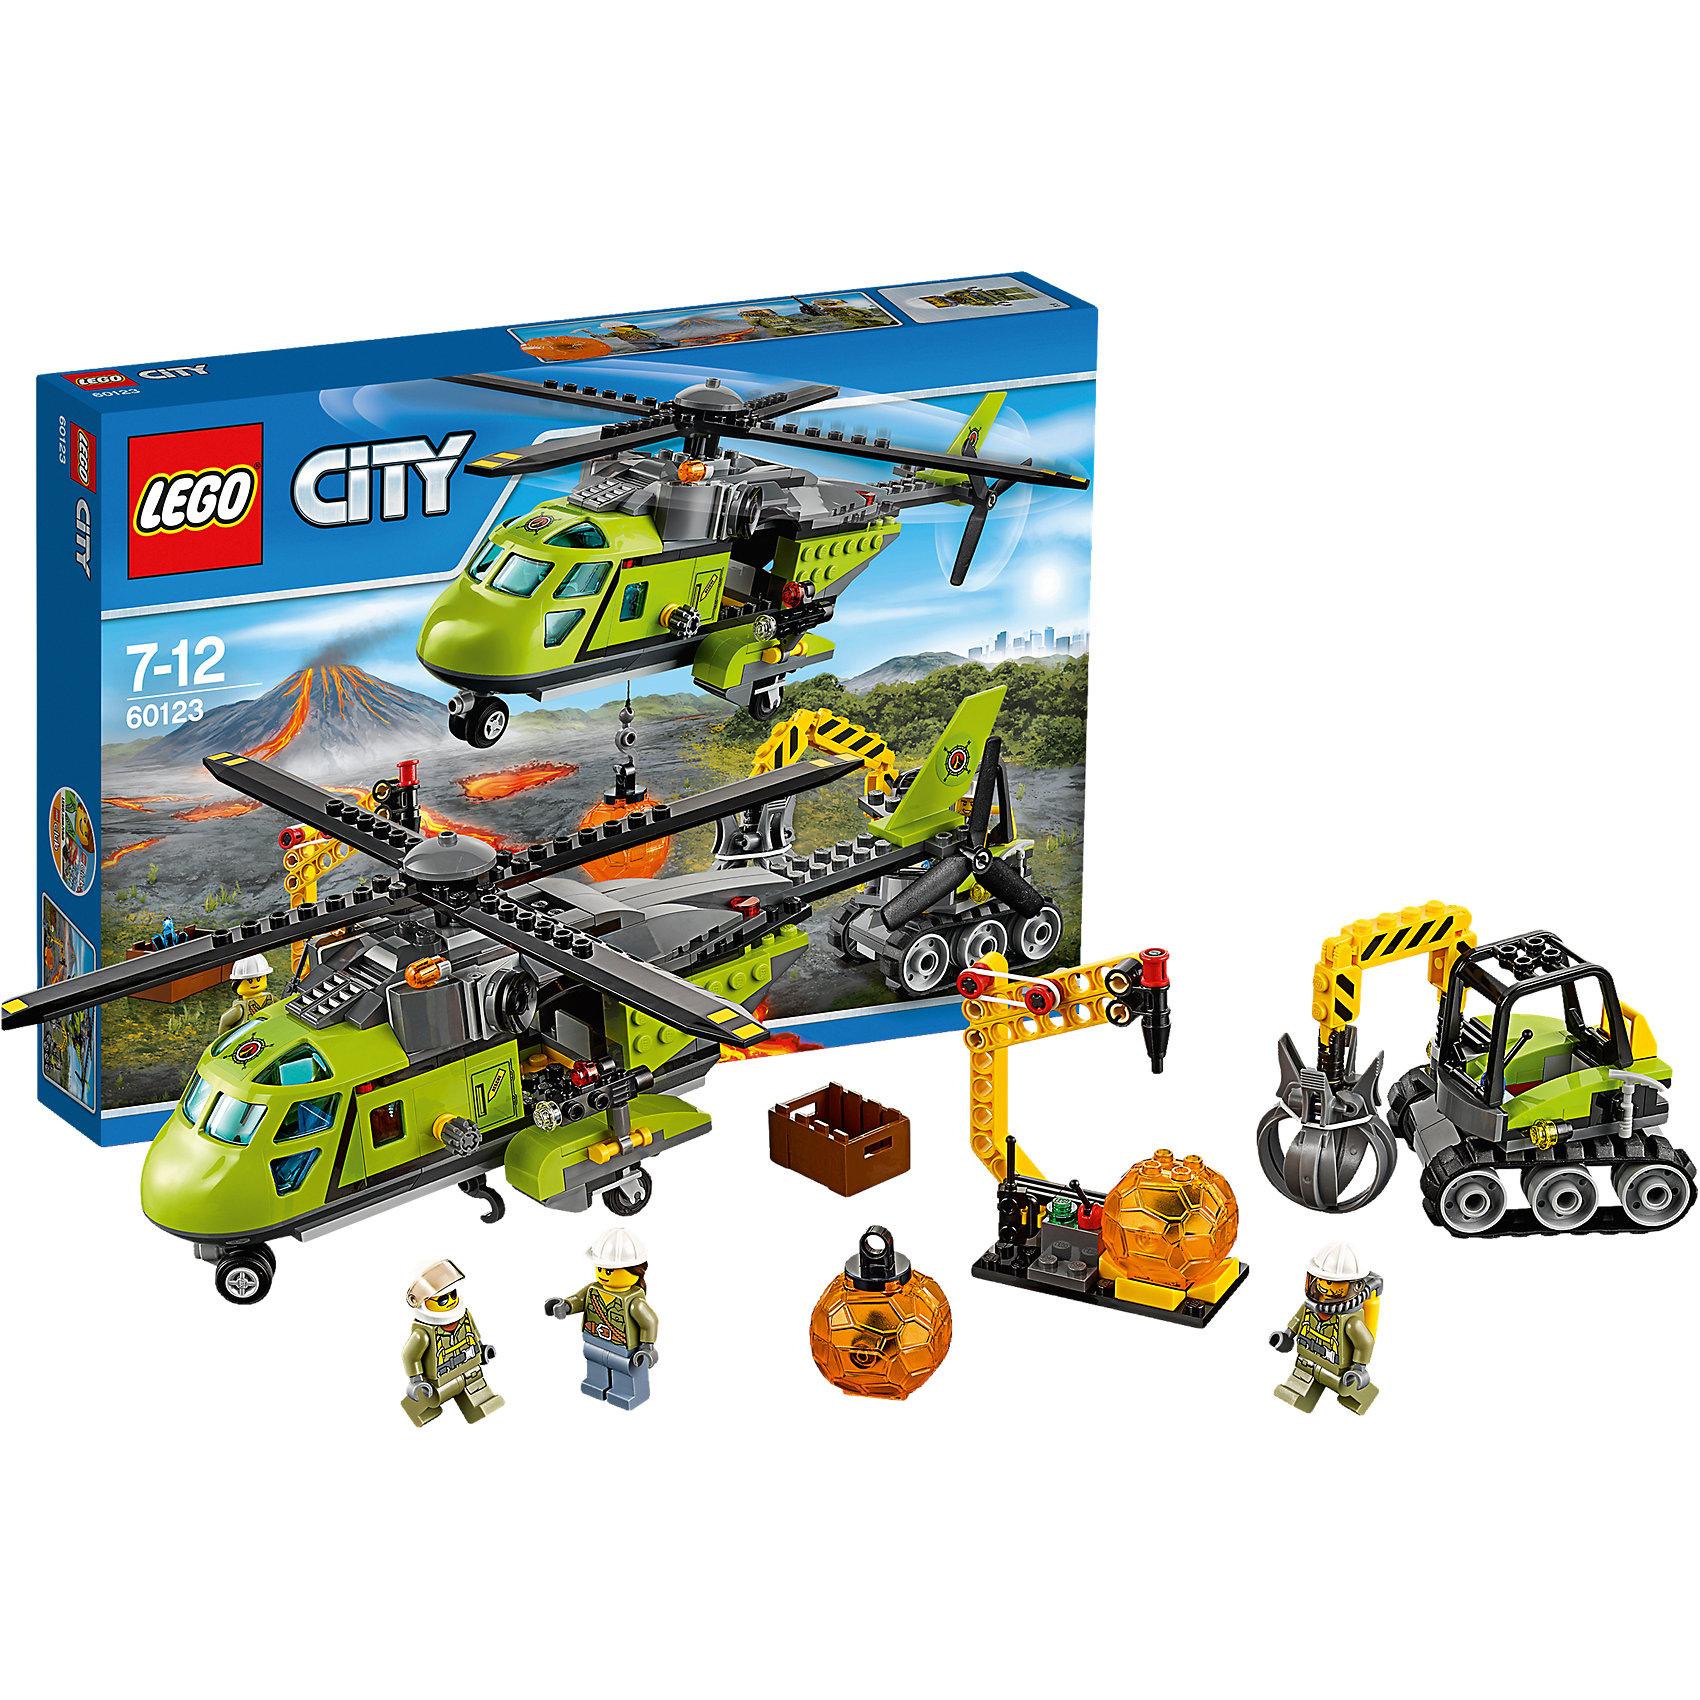 LEGO LEGO City 60123: Грузовой вертолёт исследователей вулканов постников валентин юрьевич карандаш и самоделкин